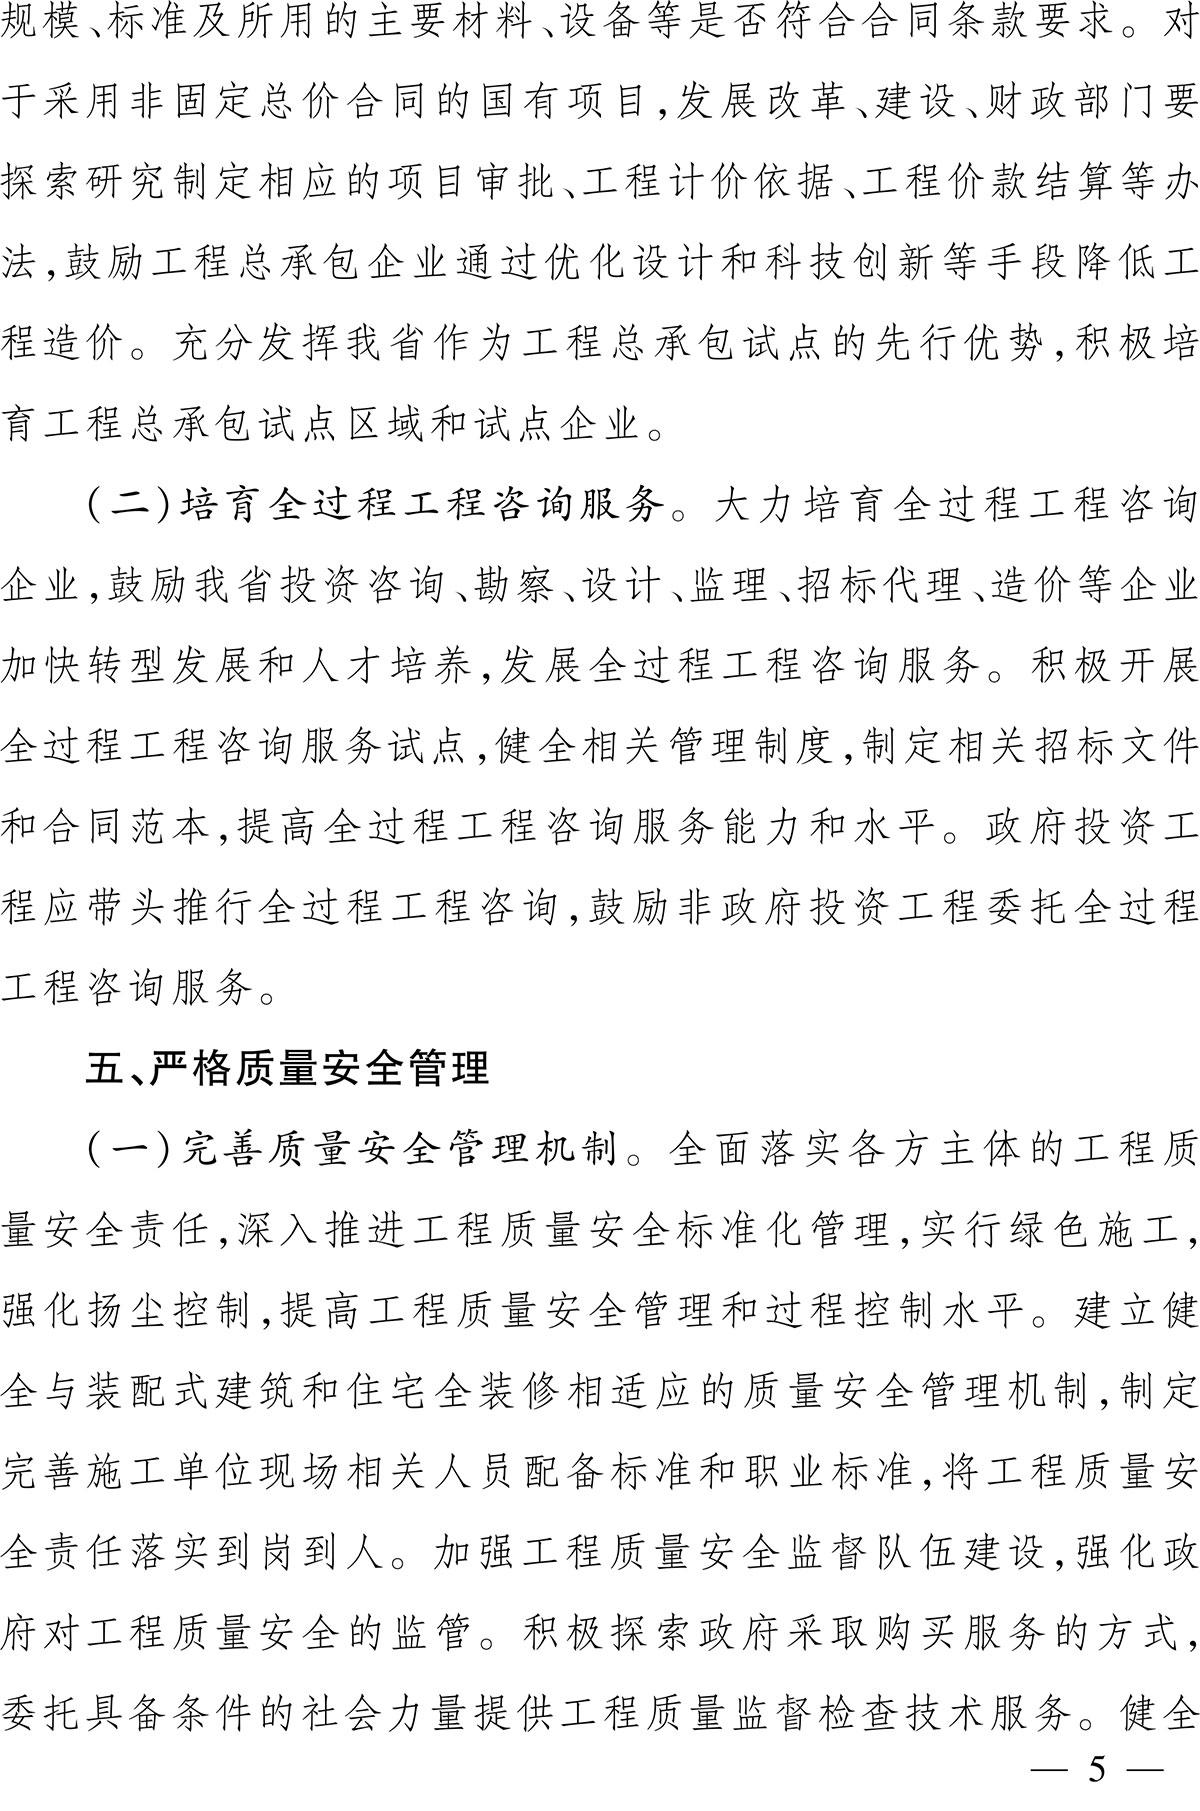 浙江省人民政府办公厅关于加快建筑业改革与发展的实施意见-5.jpg